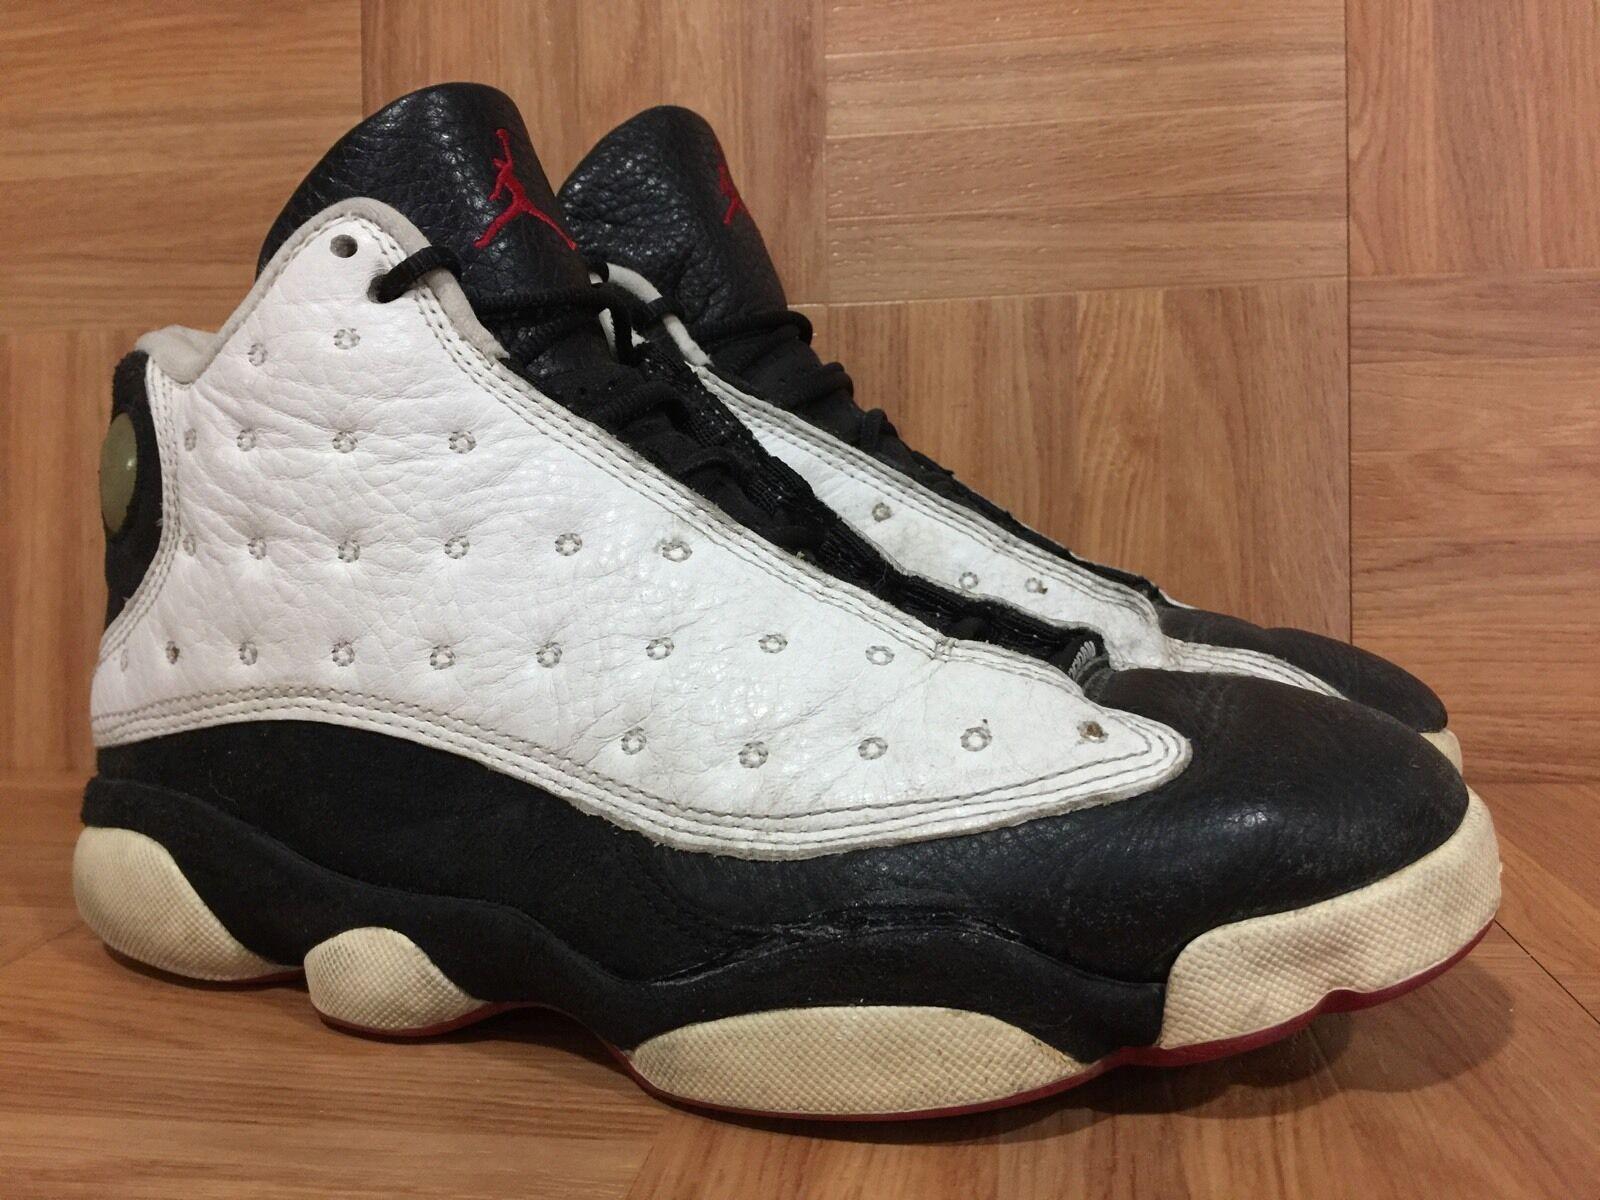 VTG Nike Air Jordan 13 XIII OG '97 He Got Game White Red Black 8.5 136002-132